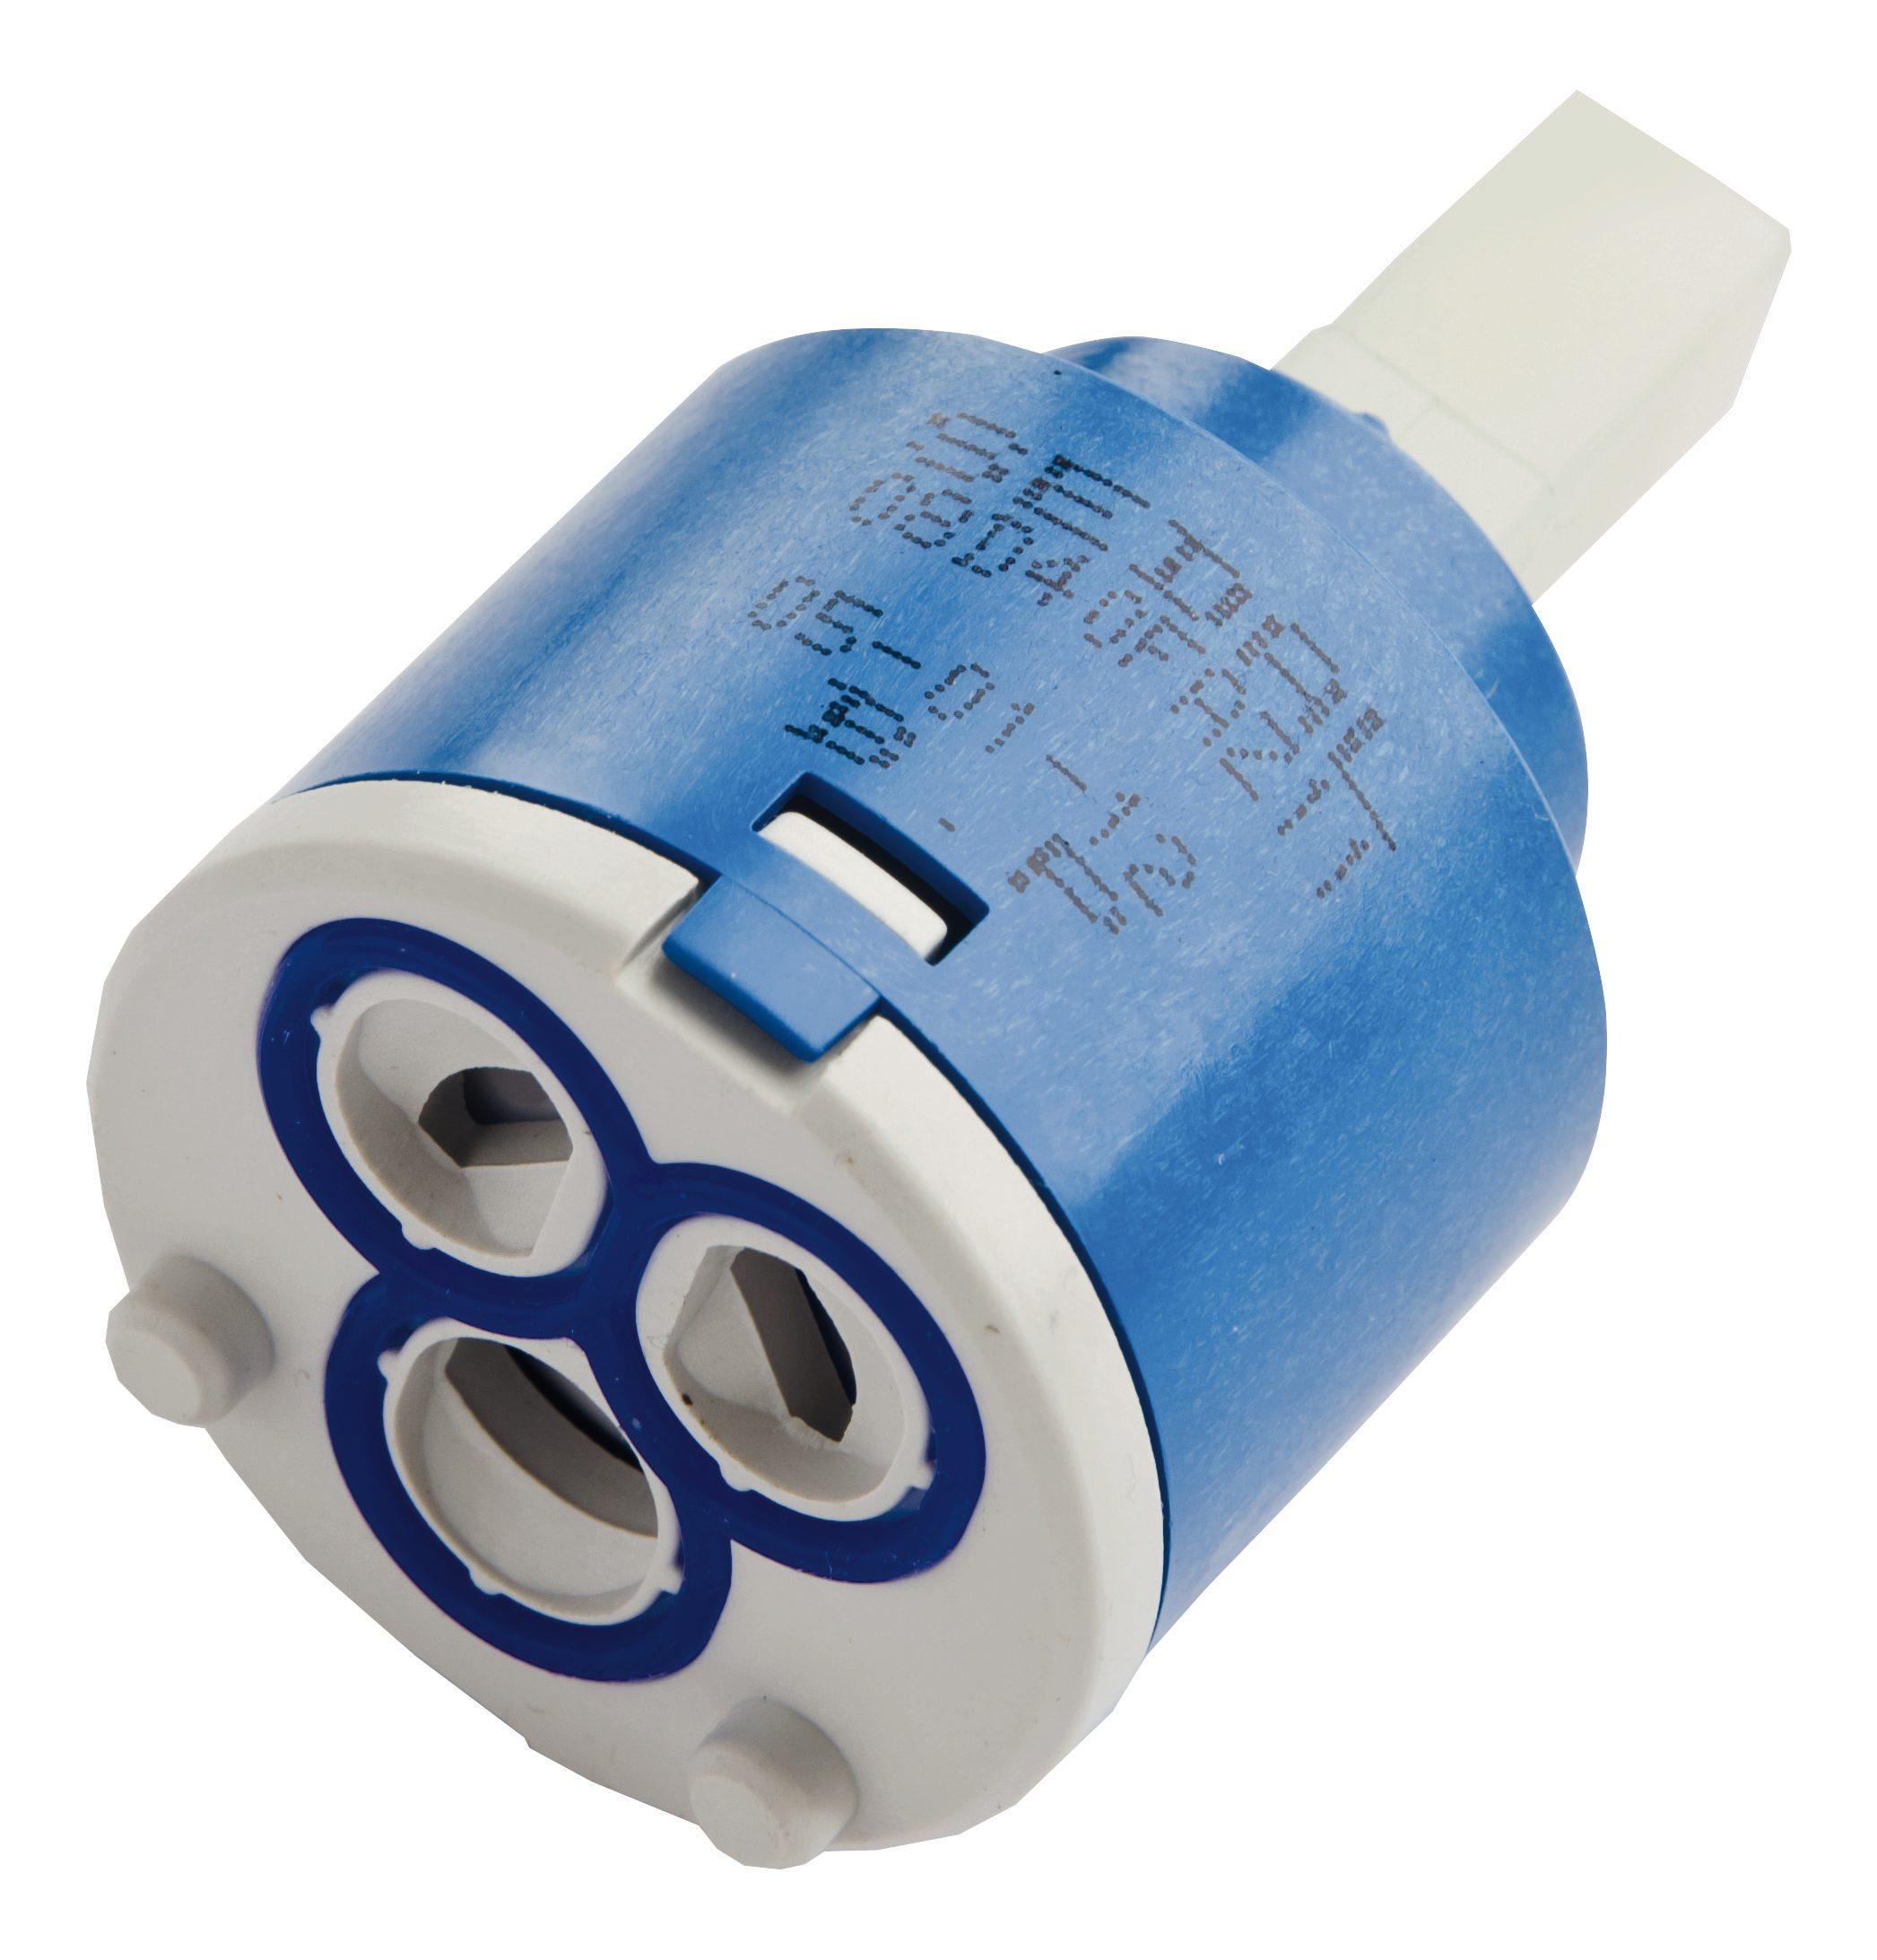 Kartusche für Niederdruck-Armatur, 16 mm